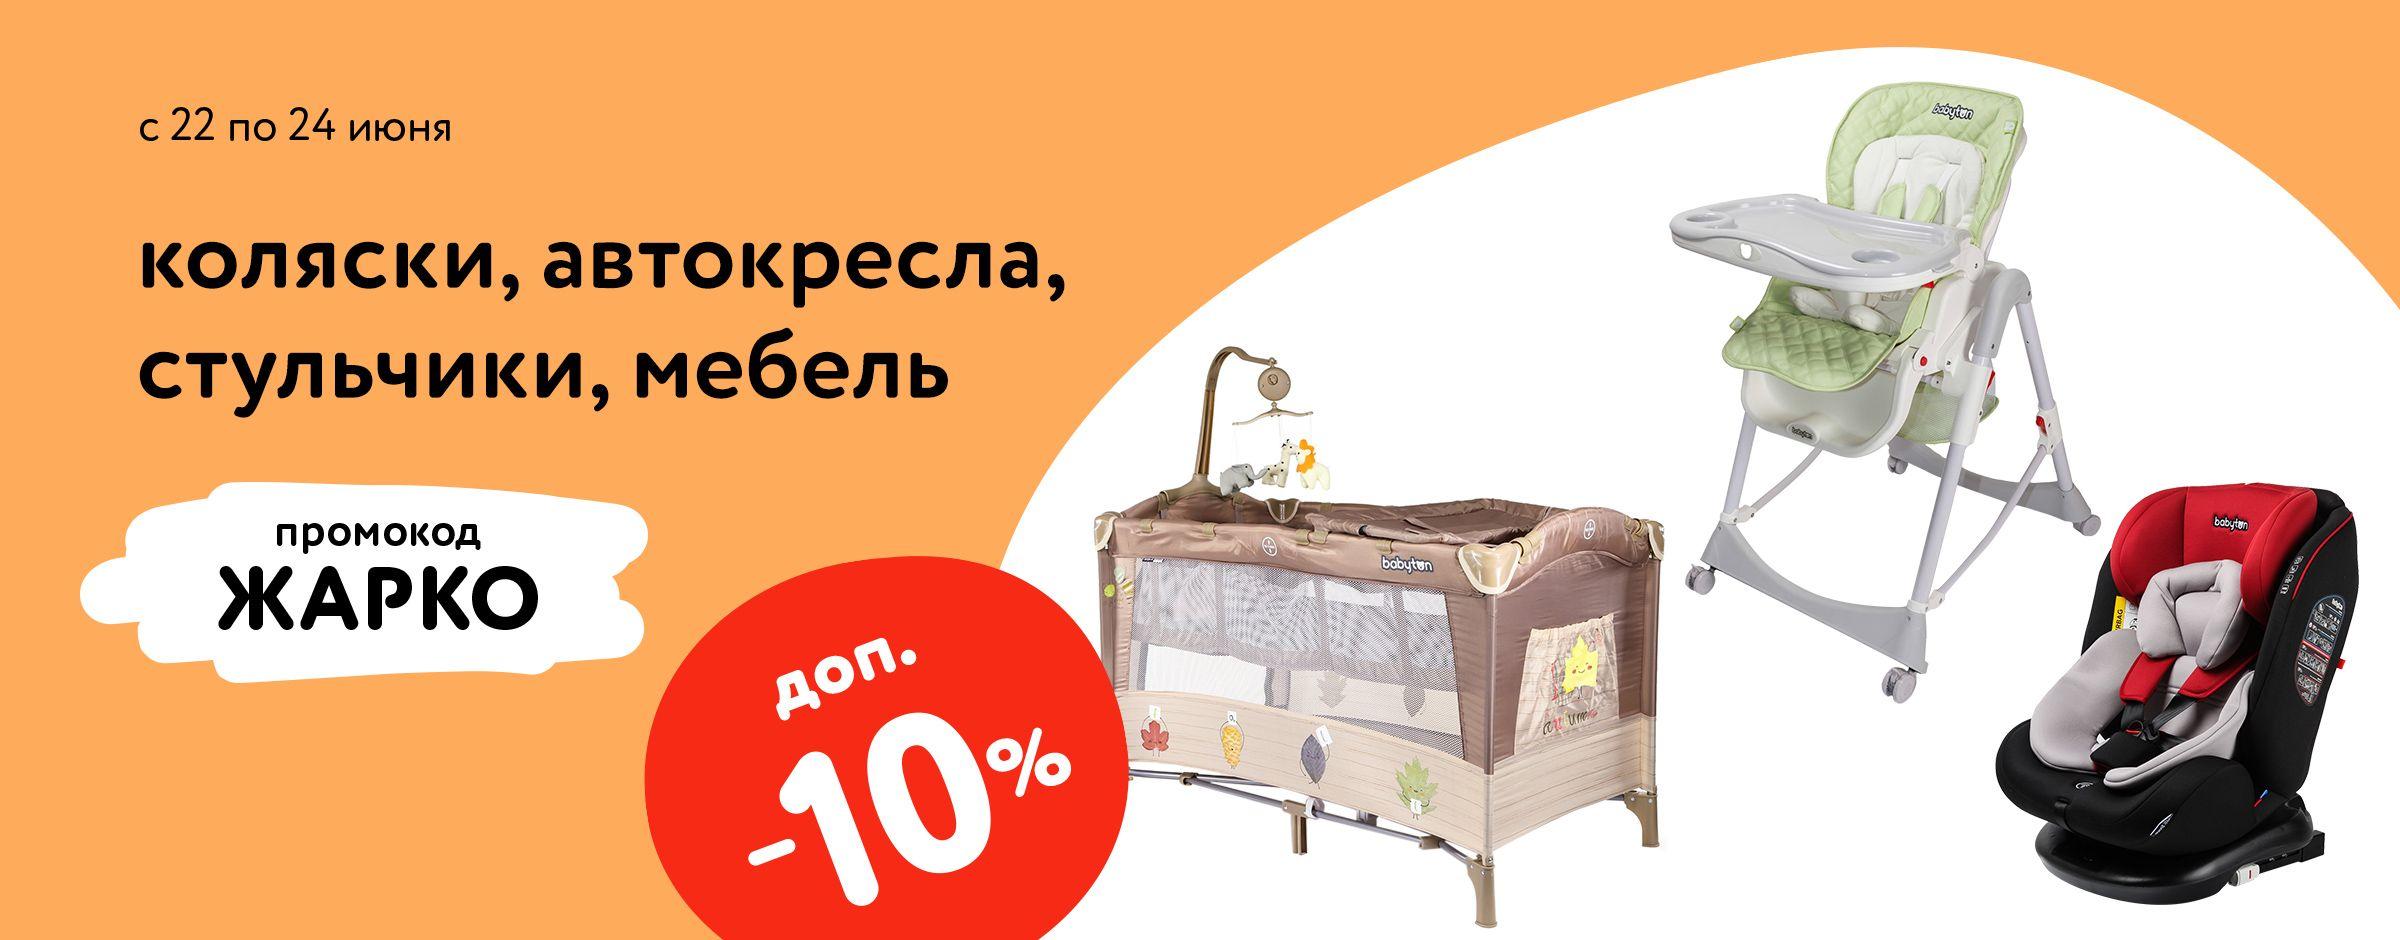 10% на КГТ ЖАРКО статика + категория